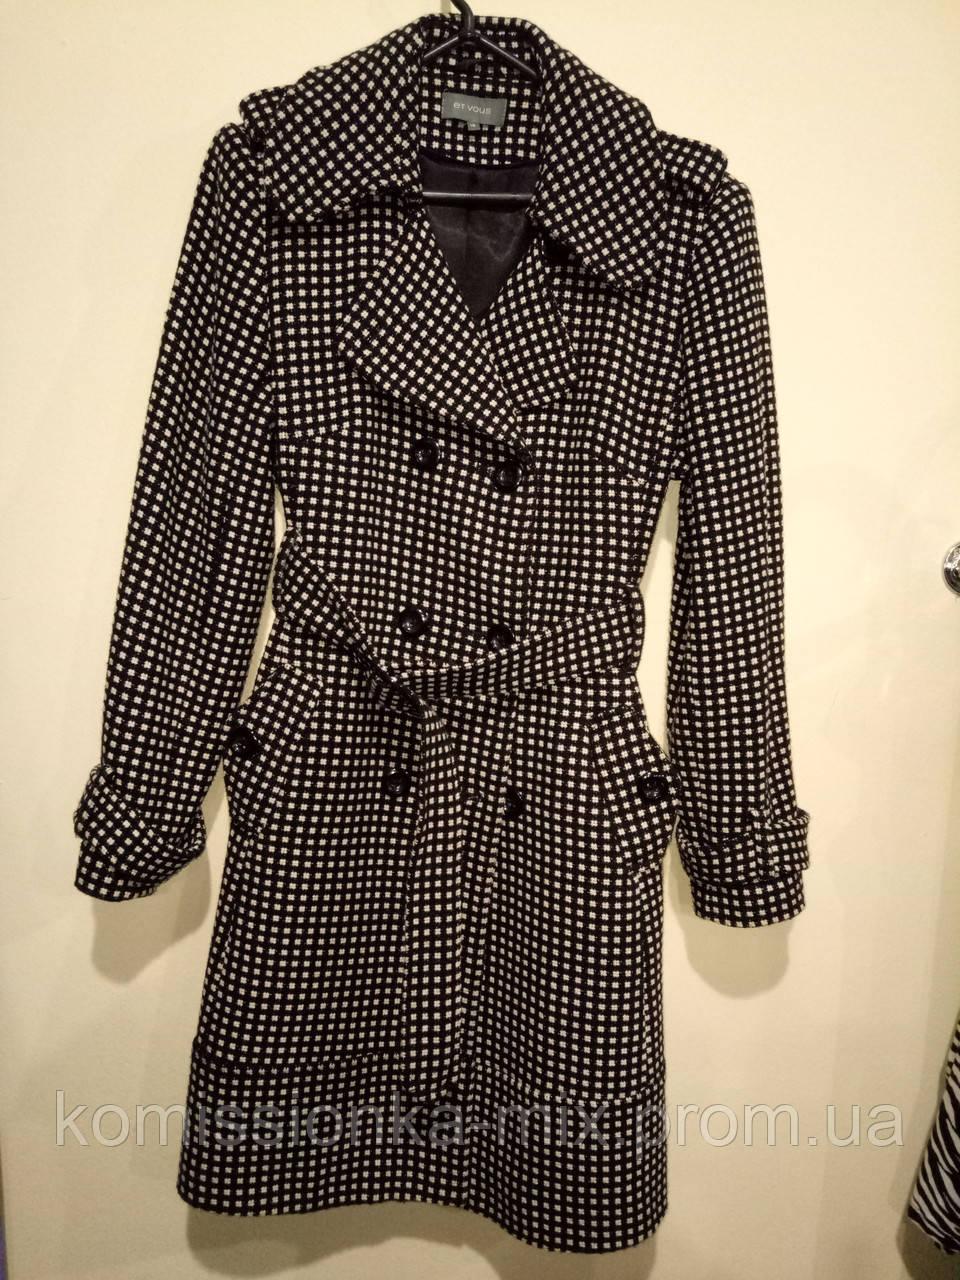 Пальто женское ET VOUS  р. 46